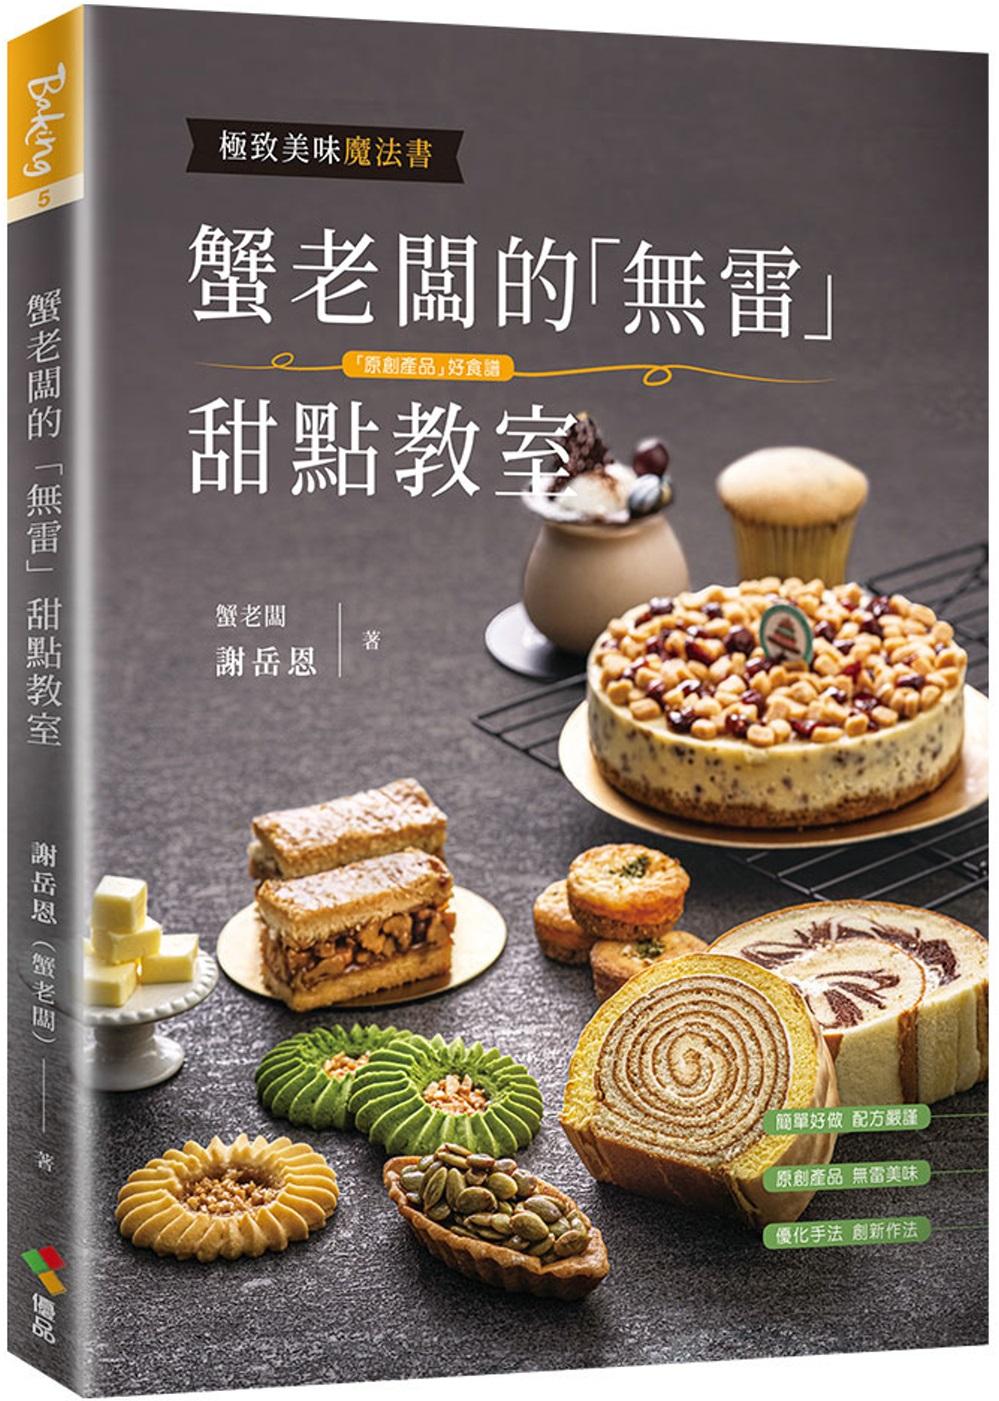 蟹老闆的「無雷」甜點教室+烘焙...